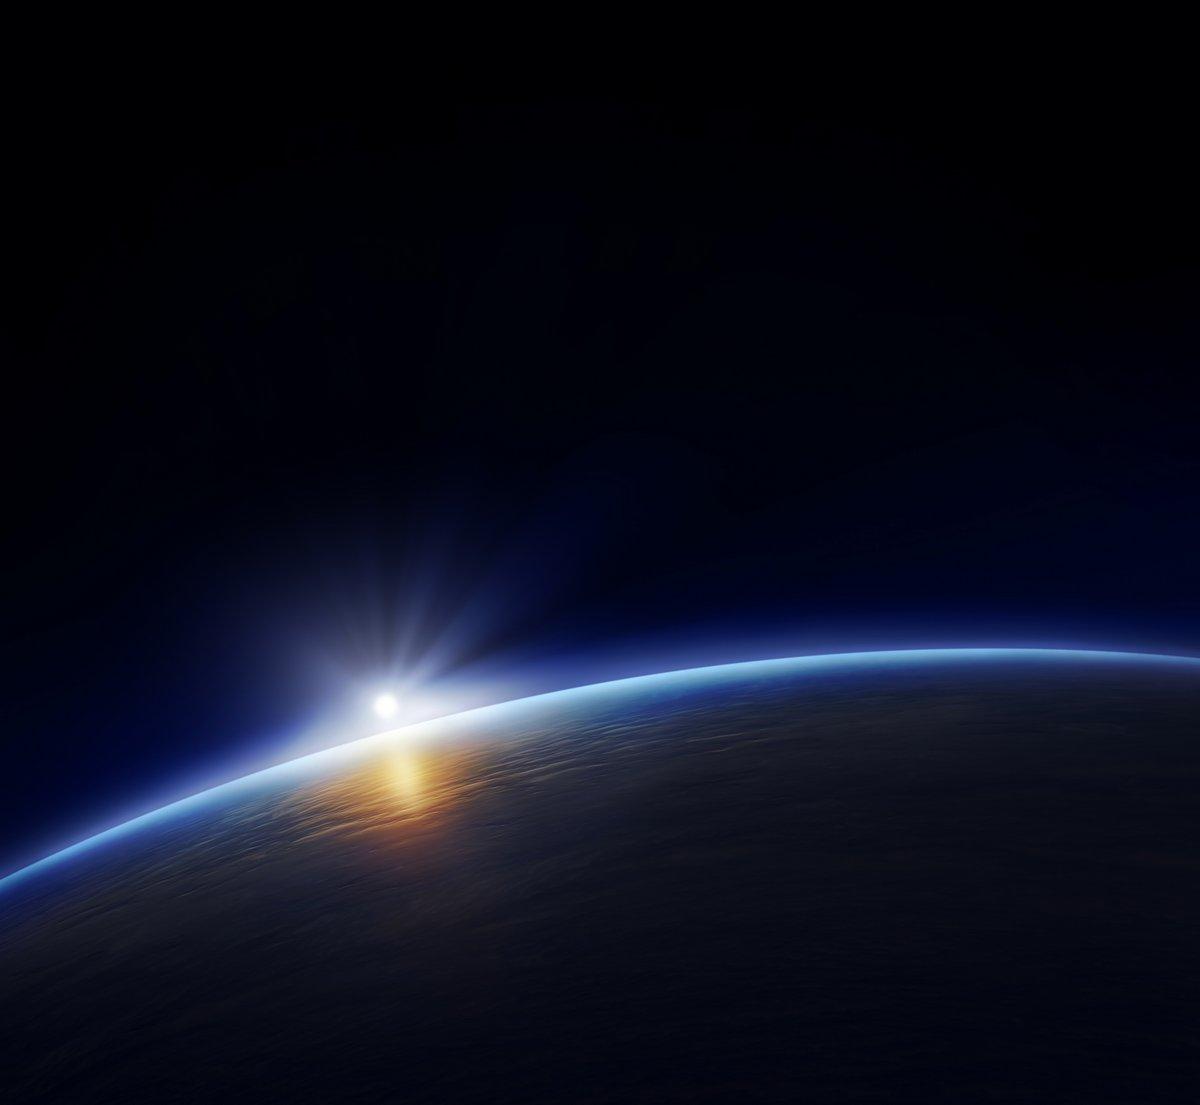 Постер Восходы Планета земля с восходящего солнцаВосходы<br>Постер на холсте или бумаге. Любого нужного вам размера. В раме или без. Подвес в комплекте. Трехслойная надежная упаковка. Доставим в любую точку России. Вам осталось только повесить картину на стену!<br>